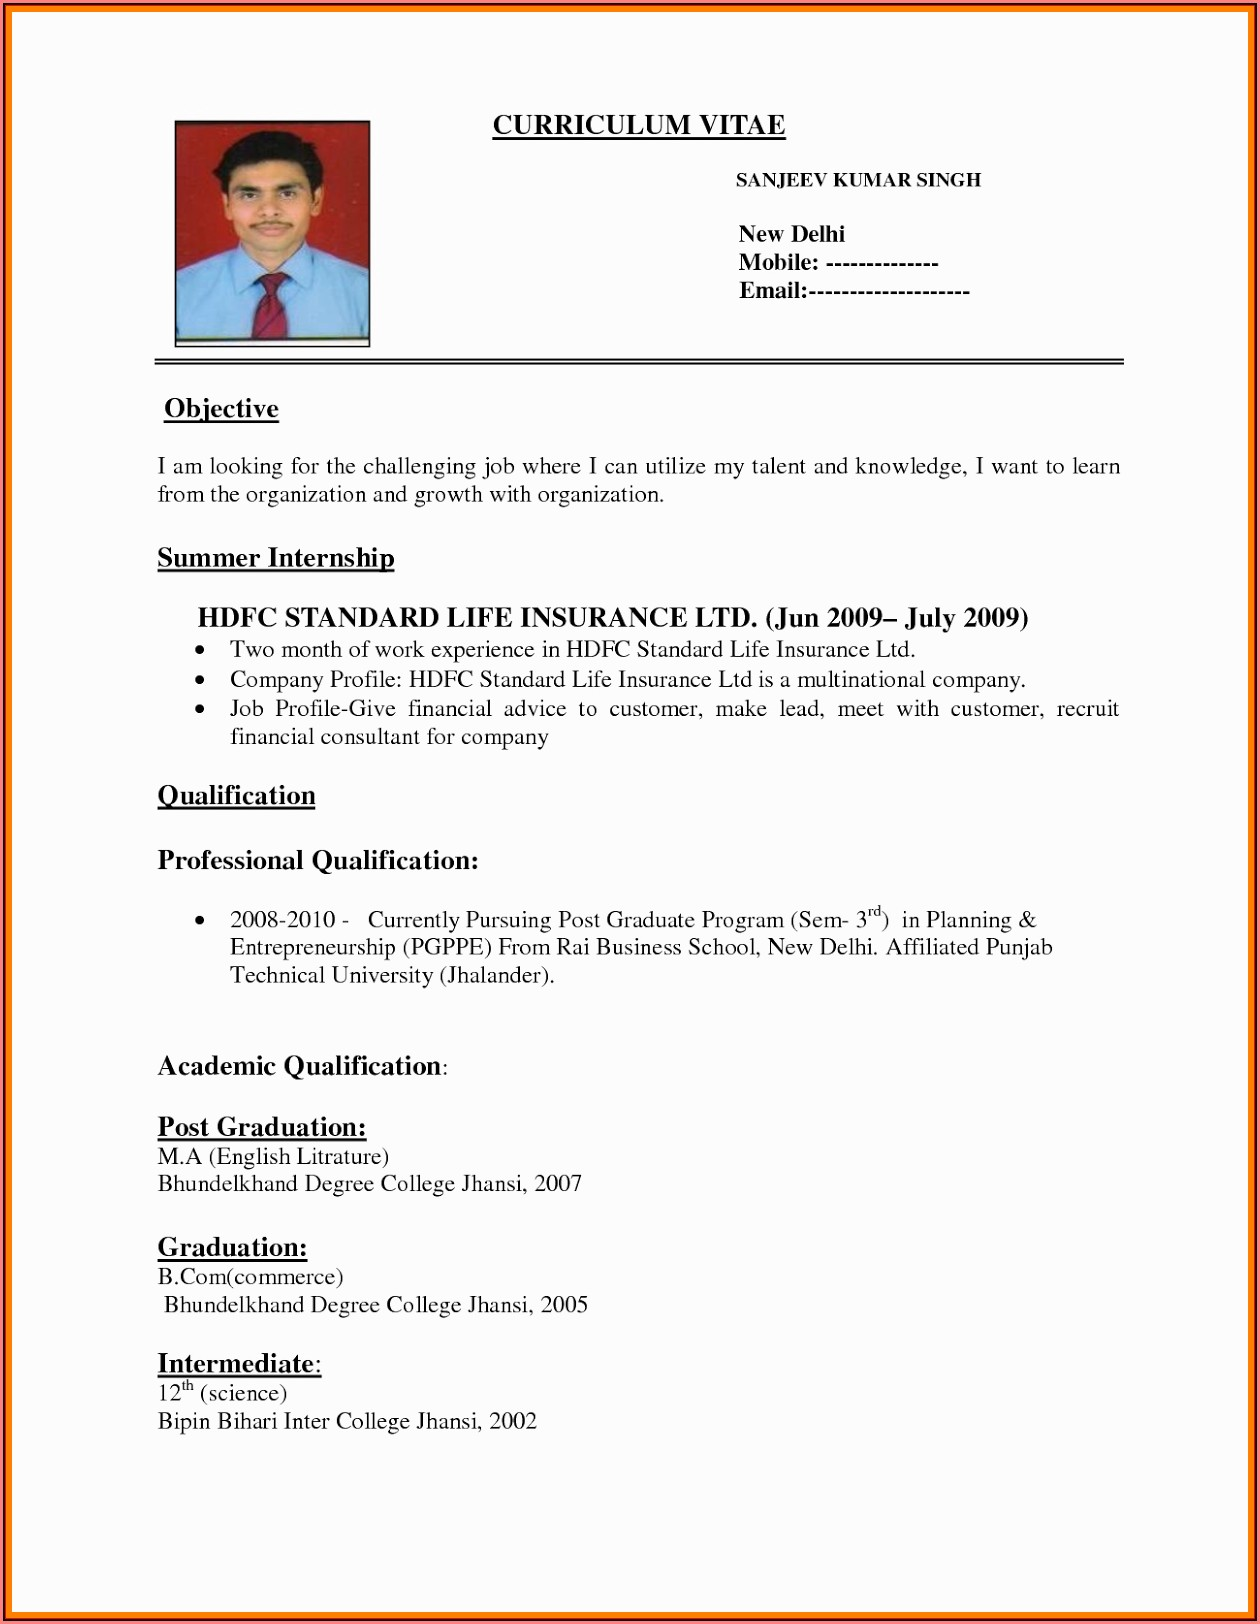 Download Resume Format Pdf Free